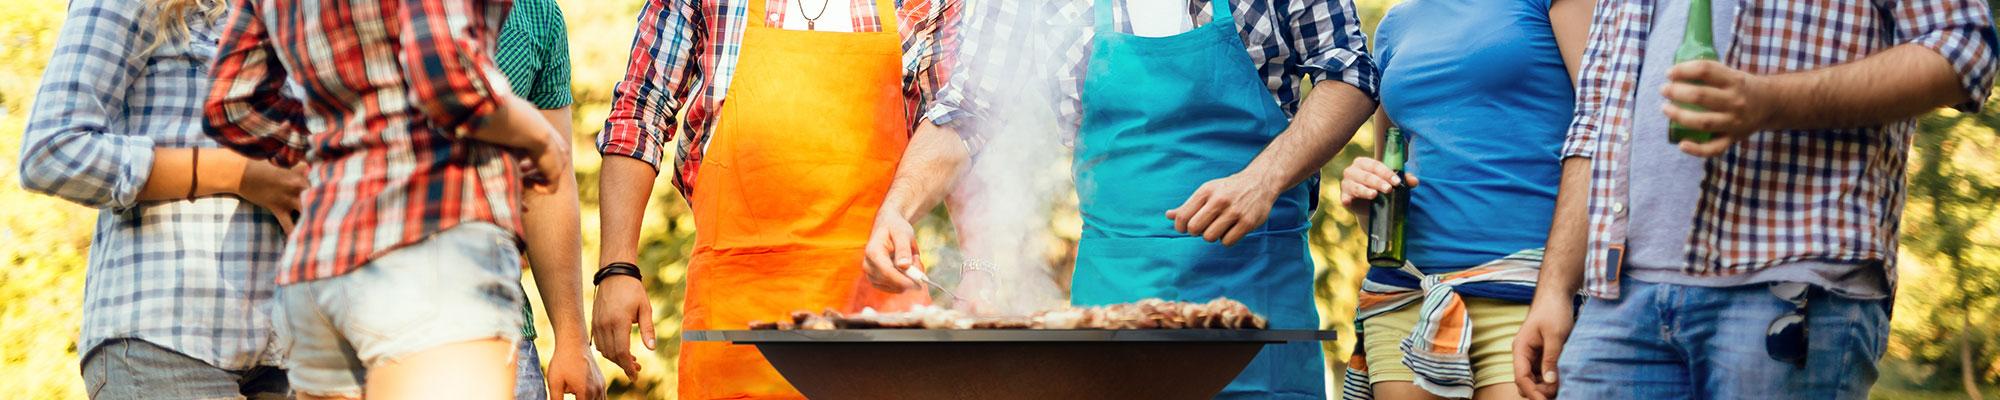 Frono Kochen und Grillen